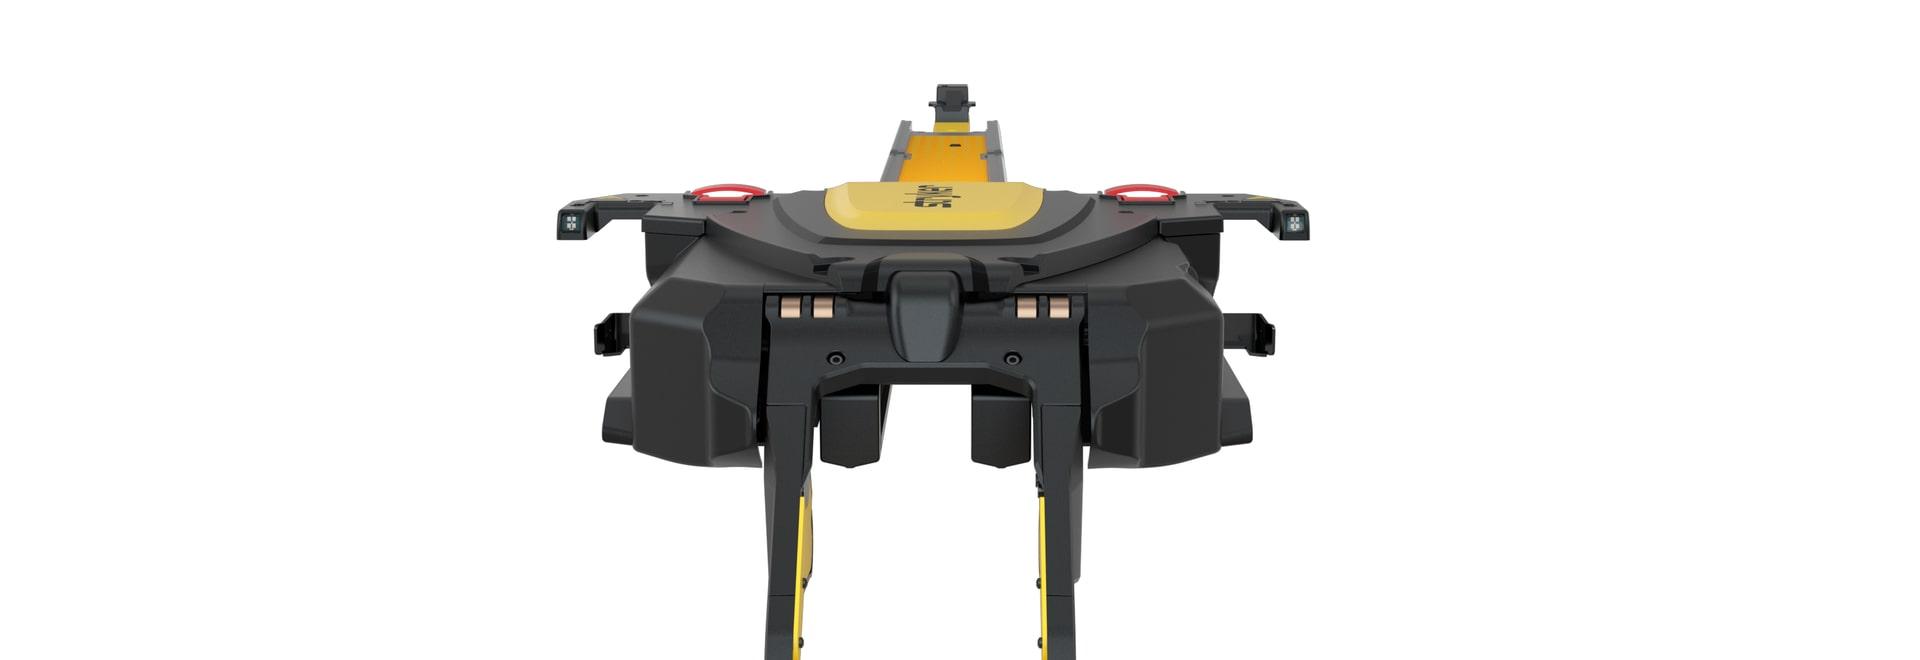 Stryker Power-LOAD cot fastener